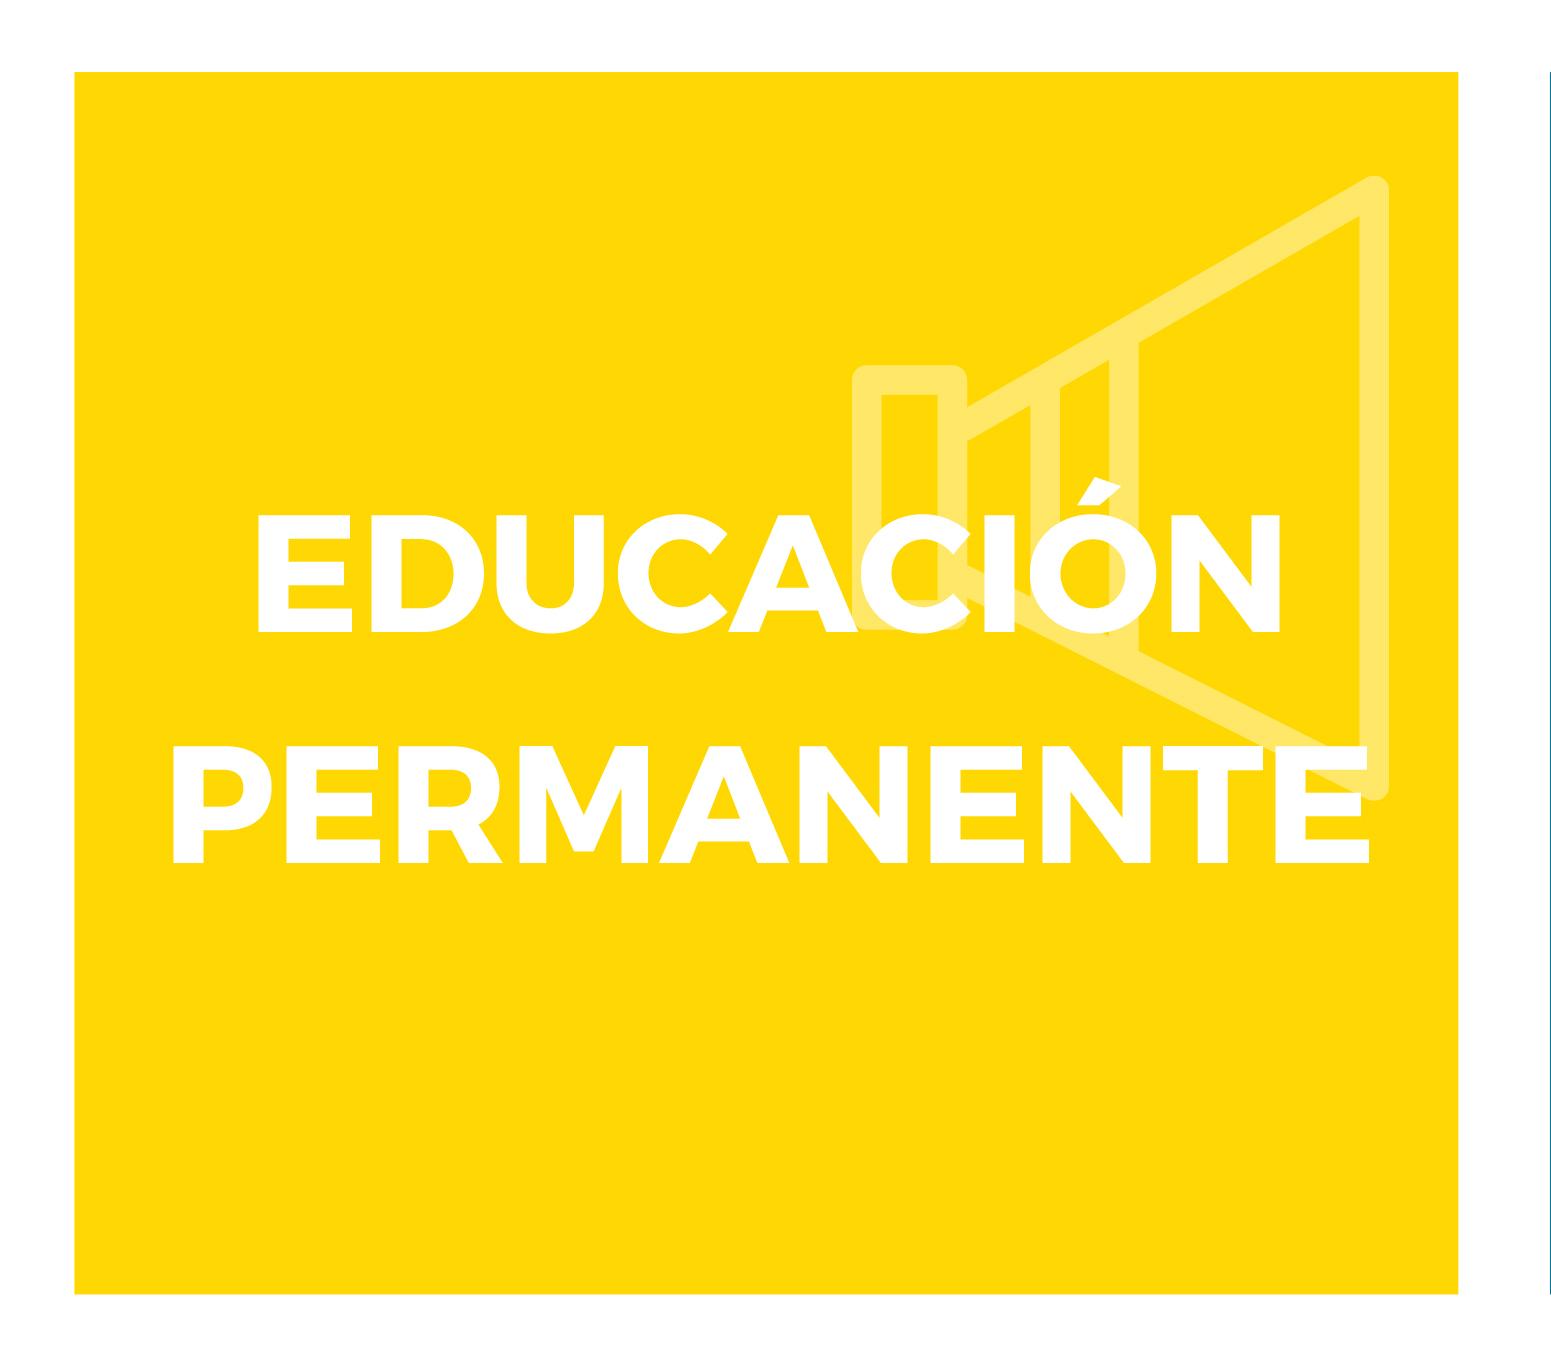 Permanente (permanente.jpg)